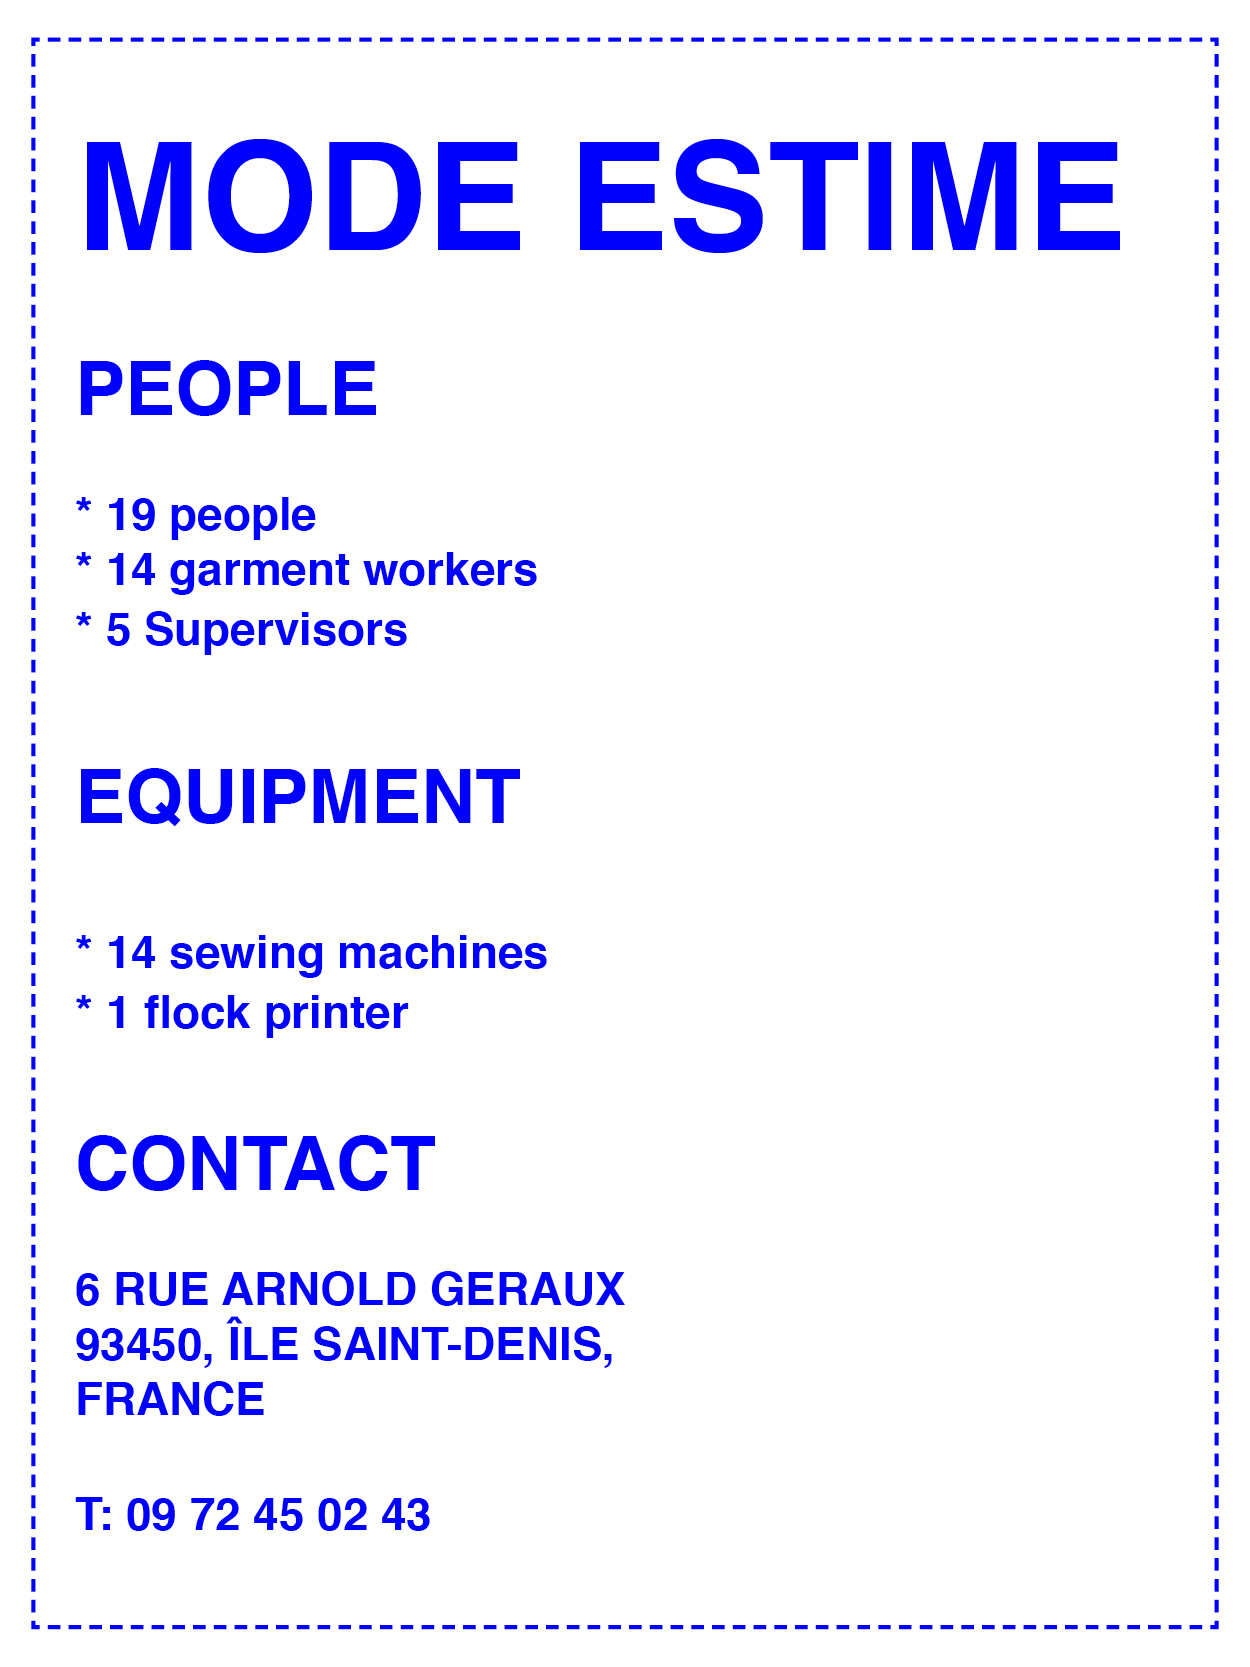 modeestime-keynumbers